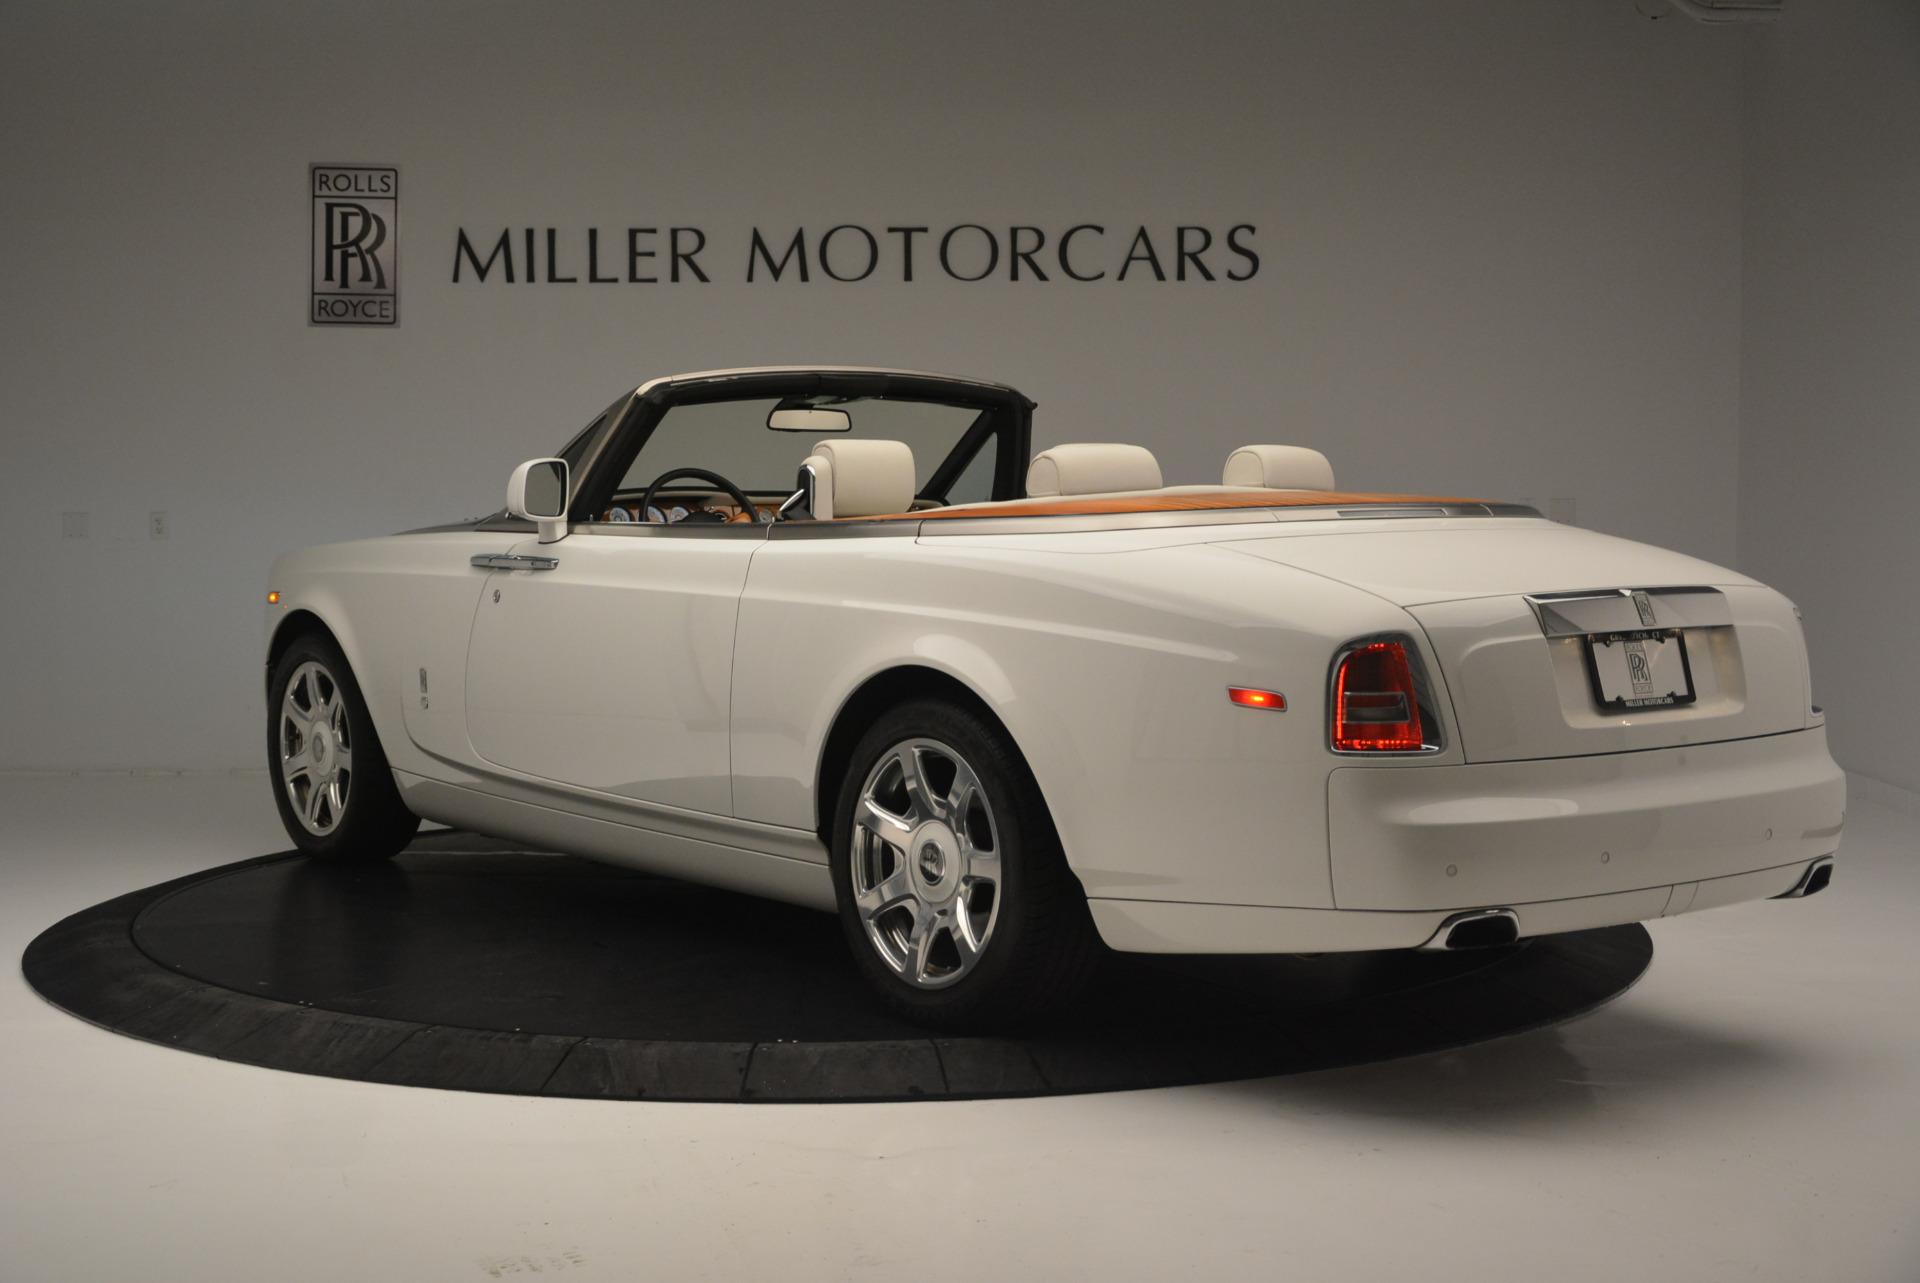 Used 2013 Rolls-Royce Phantom Drophead Coupe  For Sale In Westport, CT 2444_p3